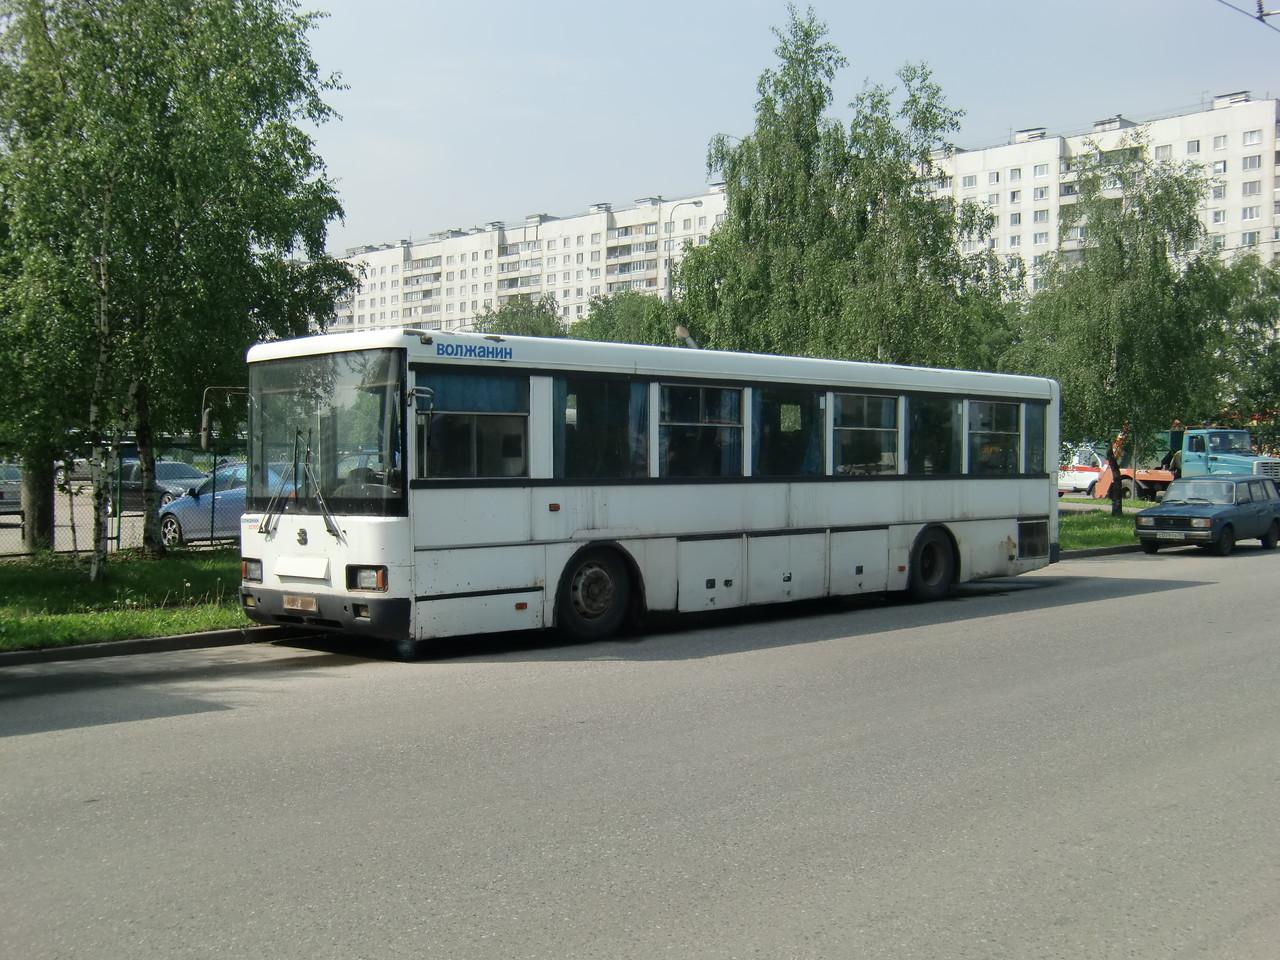 Волжанин-527022 с заводским №052, 2001 г.в.